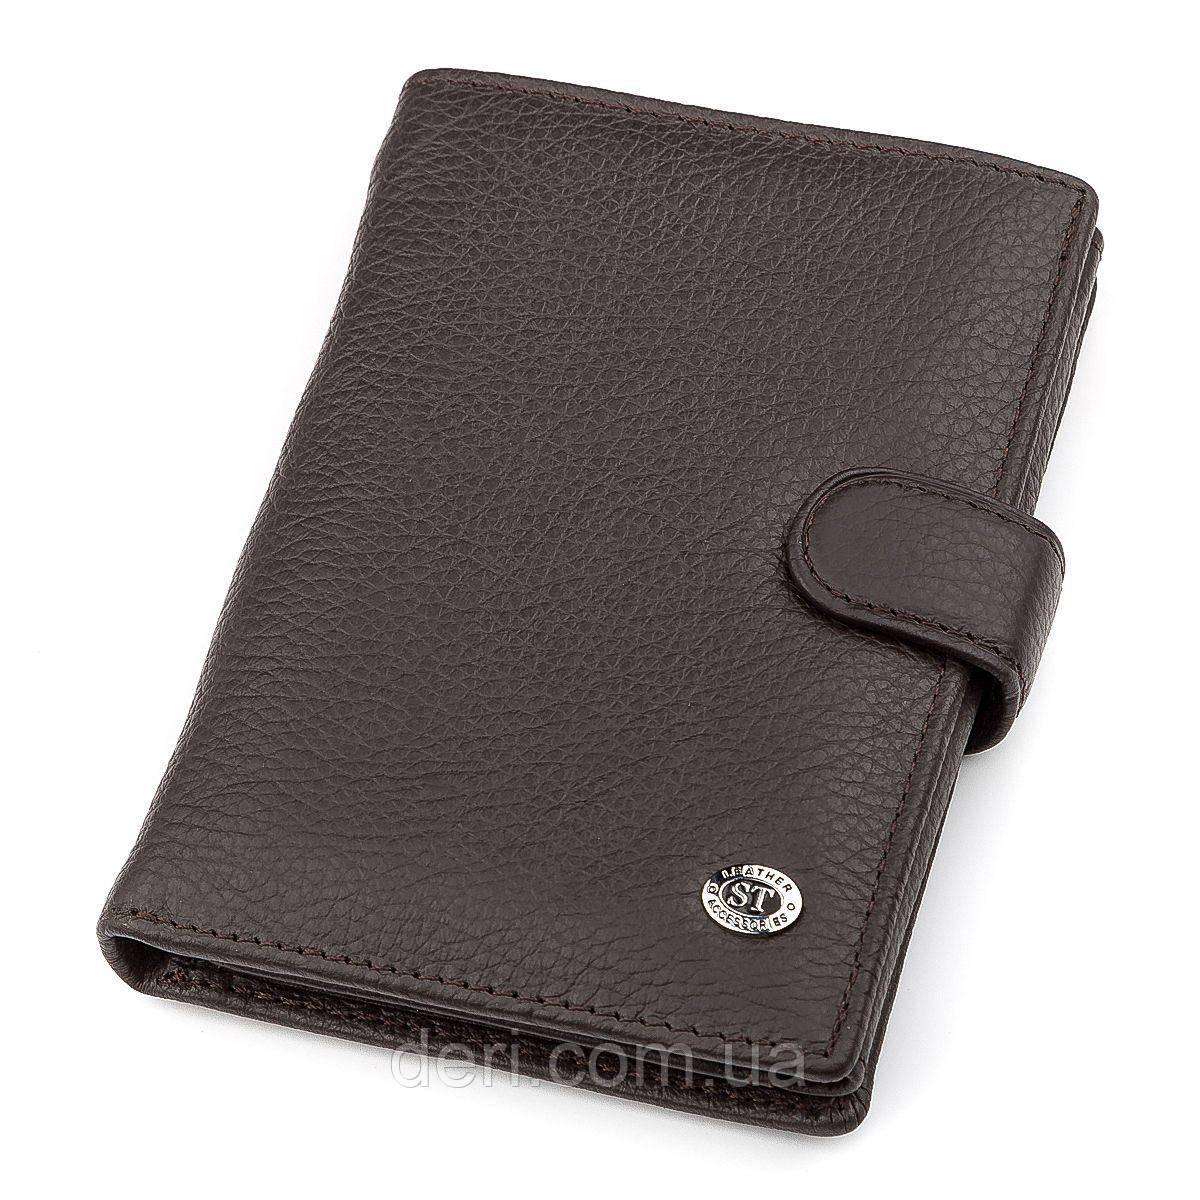 Мужской кошелек ST Leather  вертикальный Коричневый, Коричневый